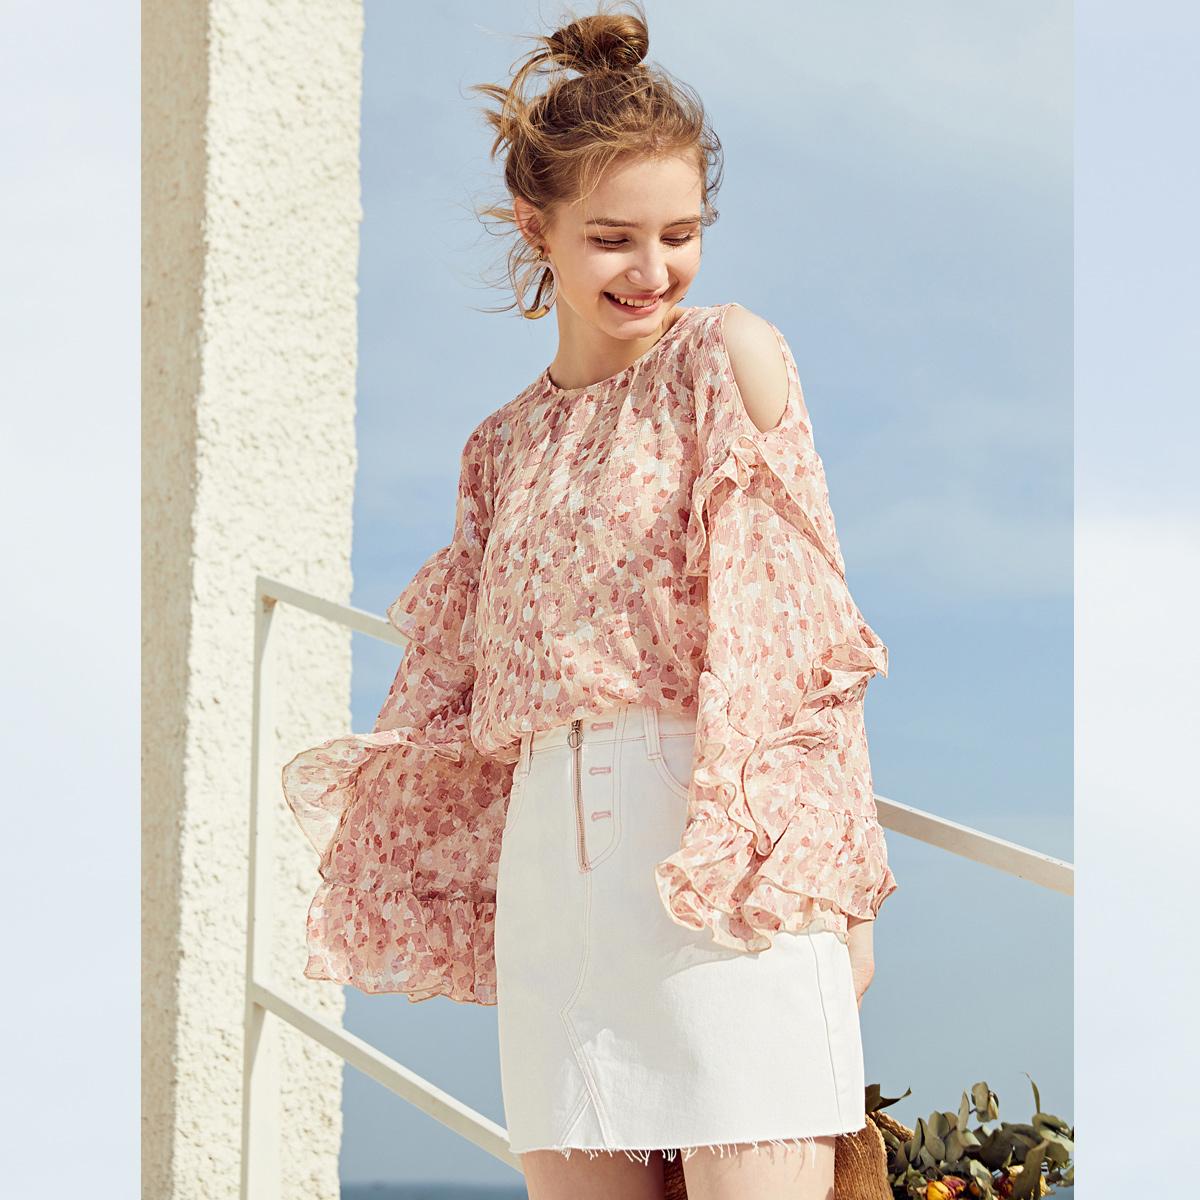 乐町露肩雪纺衫2018夏装新款女装遮肚子洋气荷叶边袖上衣超仙气质